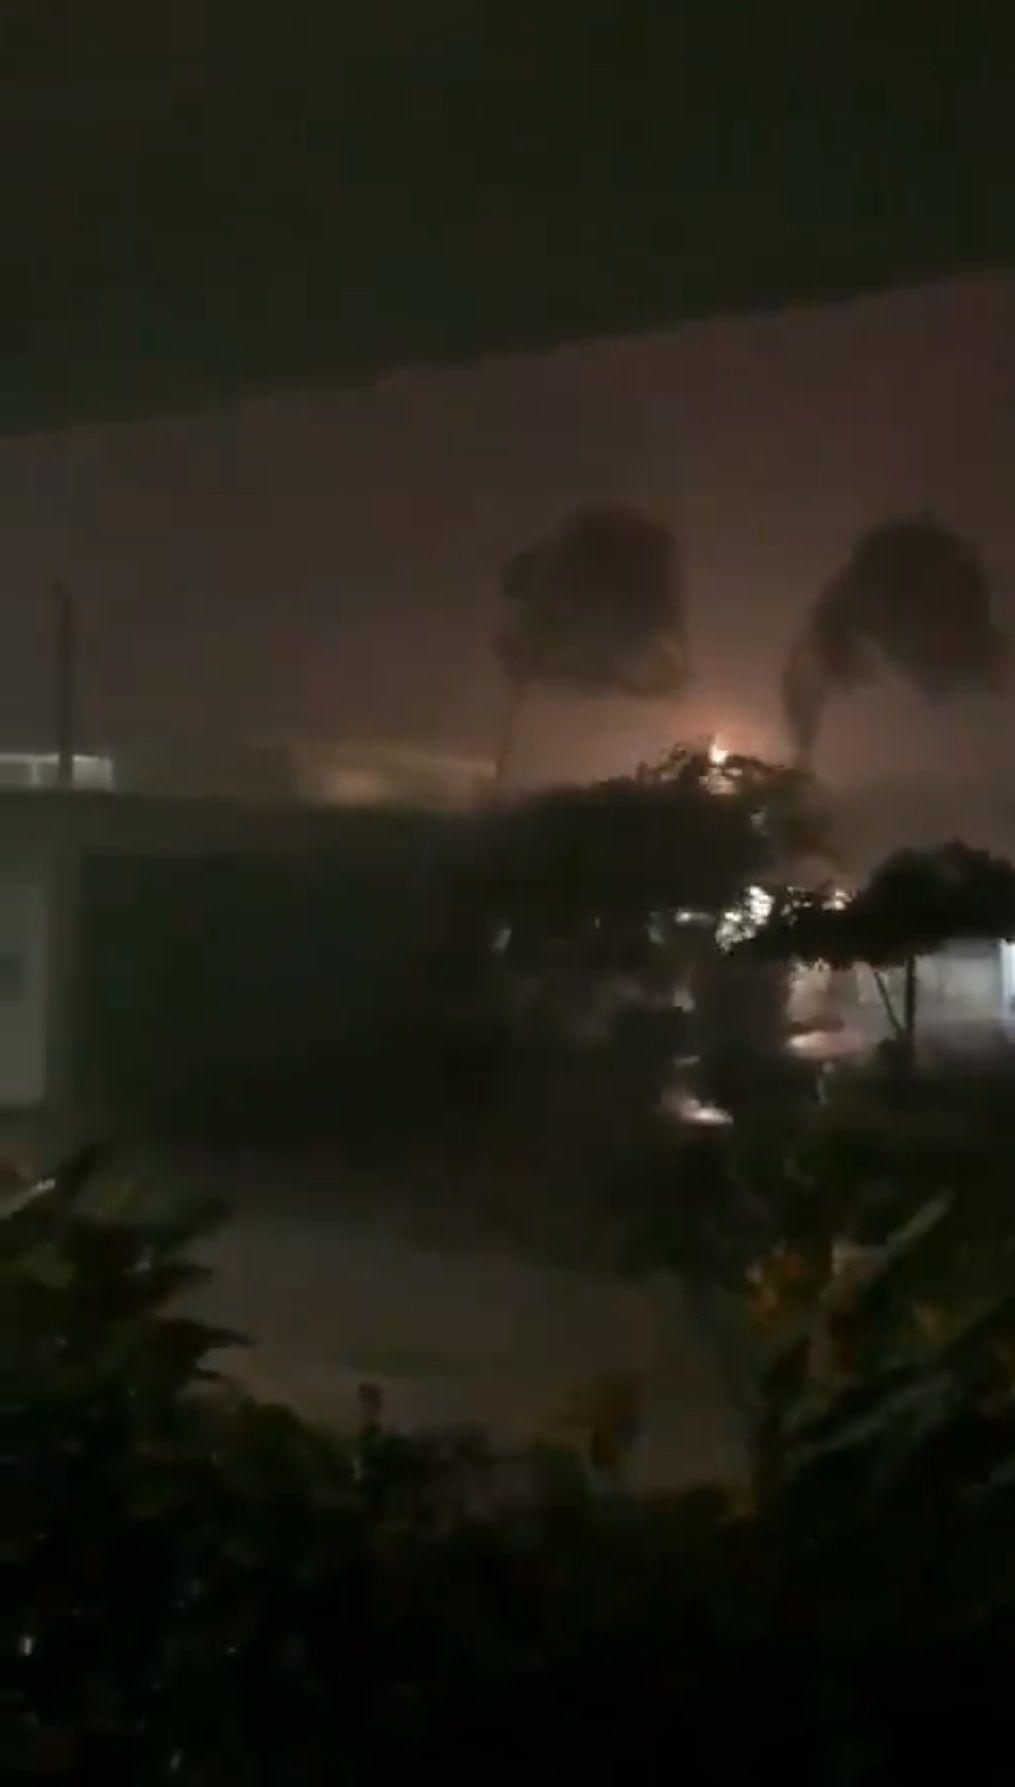 Hubieron inundaciones por el huracán Lorena de categoría 1 (Foto: captura de pantalla)